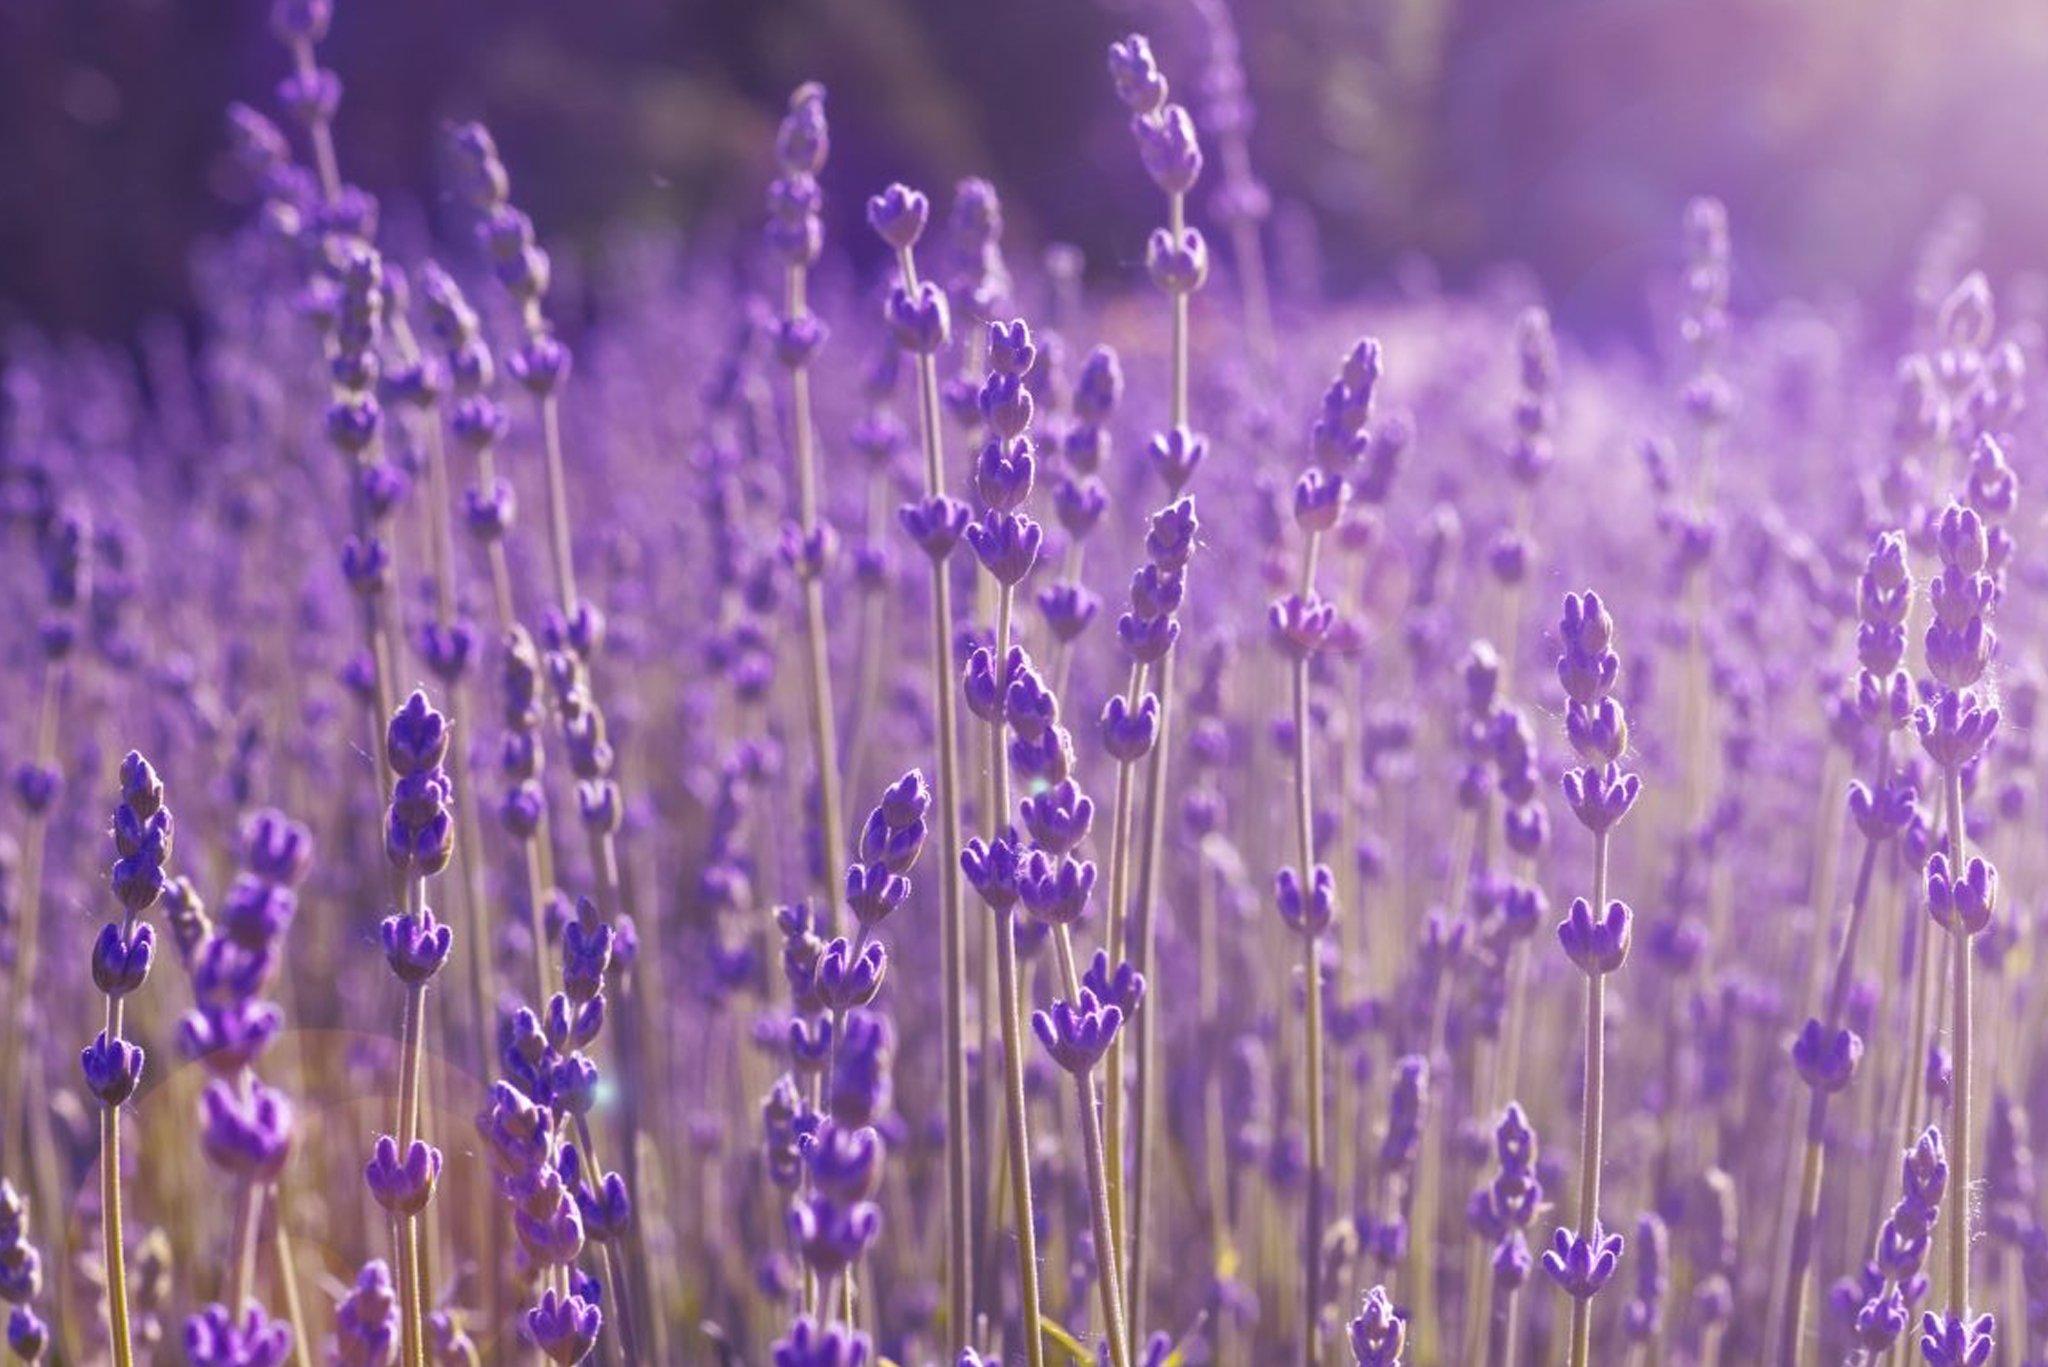 Lavender plants in a field